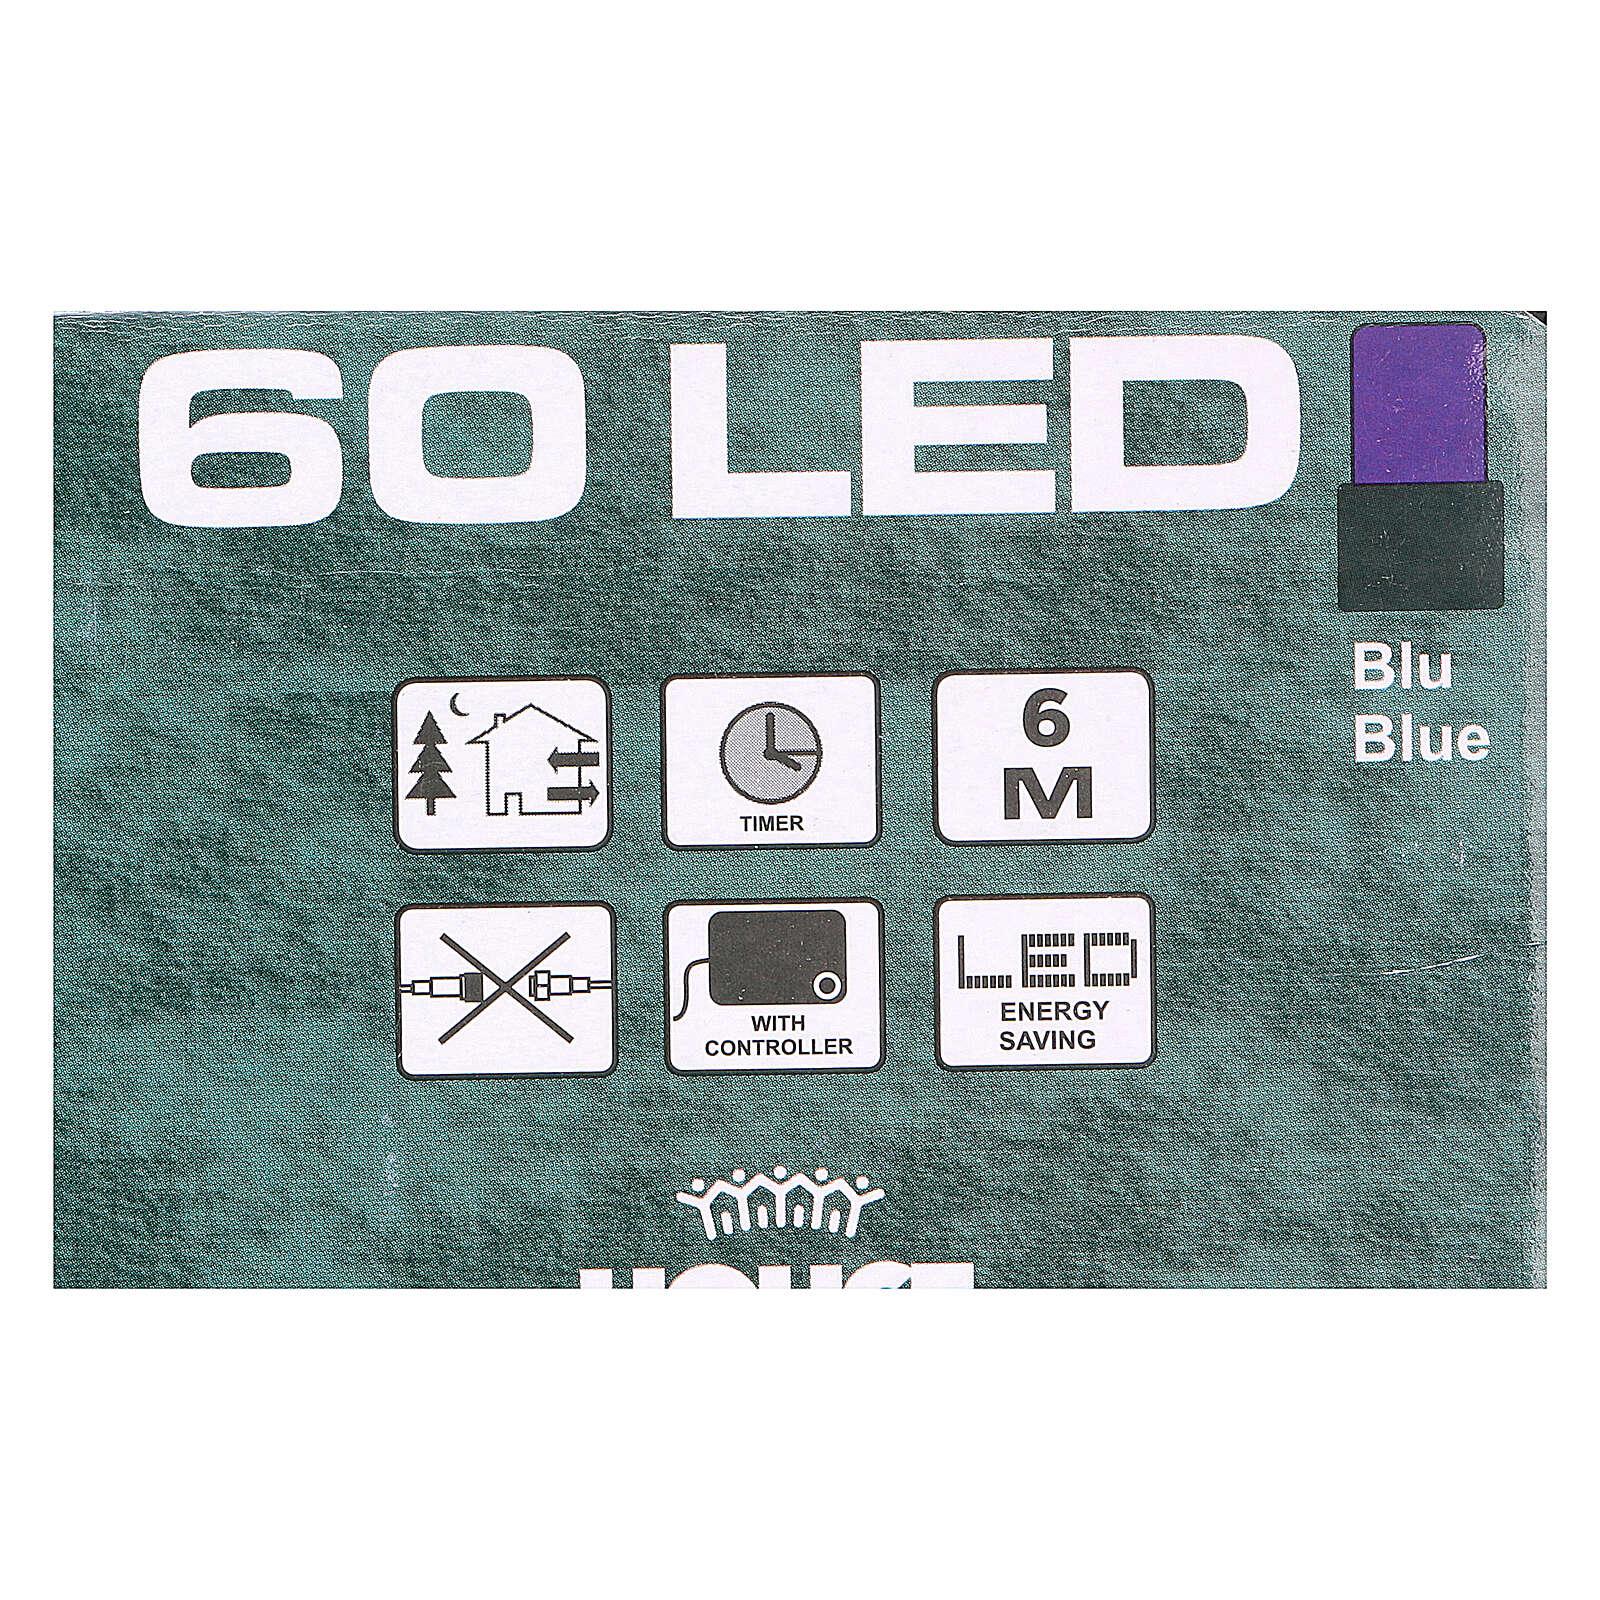 Luz de Navidad cadena verde 60 led azules exterior batería 6 m 4